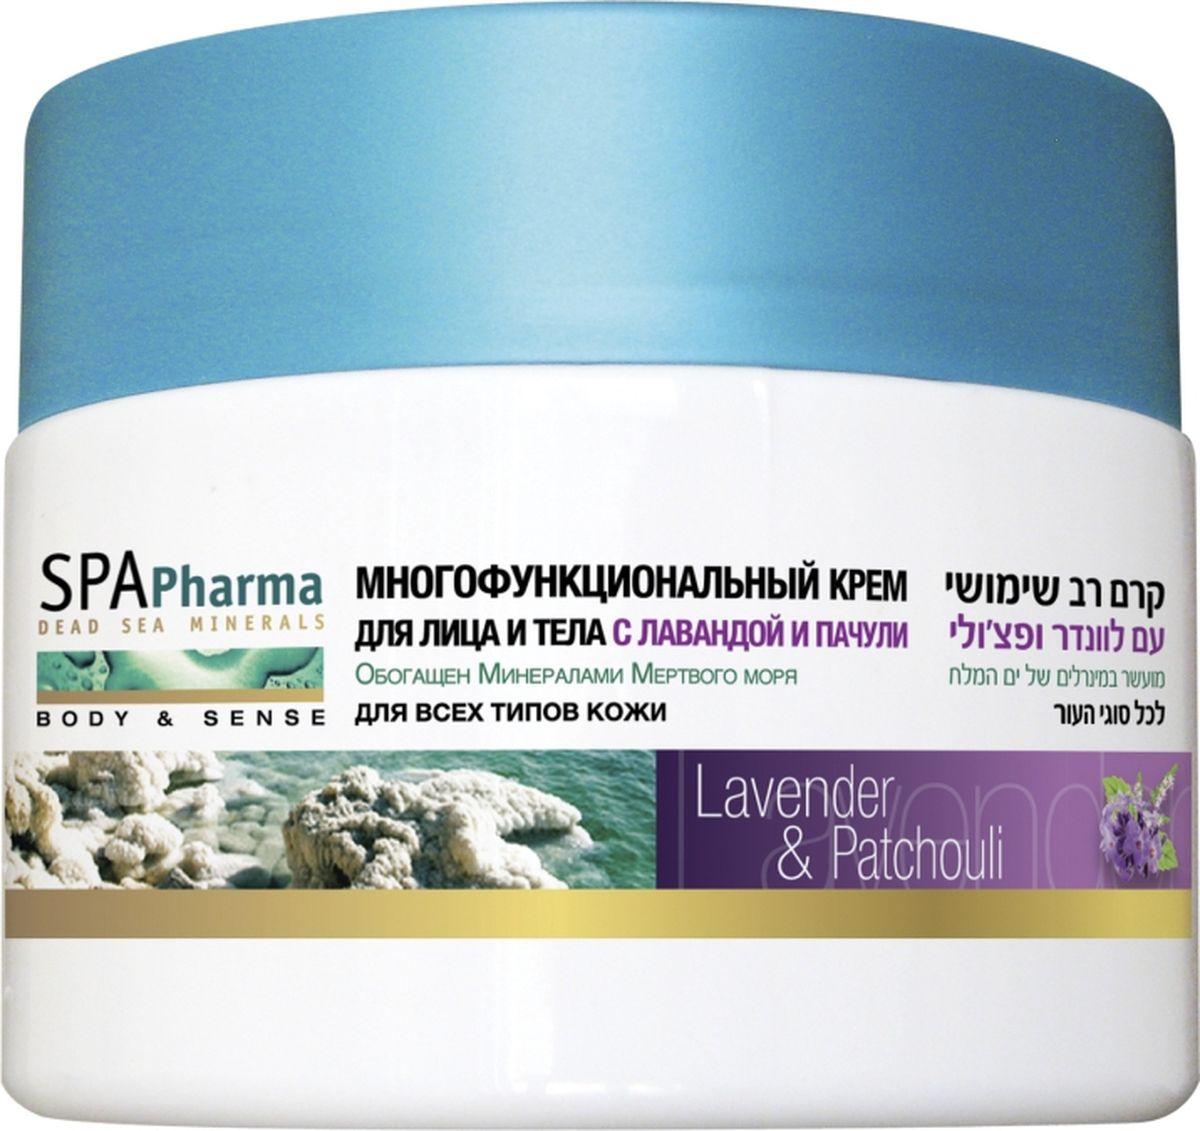 Spa Pharma Многофункциональный крем для лица и тела с лавандой и пачули, Spa Pharma 350 млCS0014K053 в 1: успокаивает, омолаживает и питает даже глубокие слои эпидермиса.Масло лаванды обладает восстанавливающим и противоаллергенными эффектом, а масло пачули омолаживает кожу и делает ее более упругой. Густой жирный крем для лица и тела подходит всей семье, любому типу кожи.